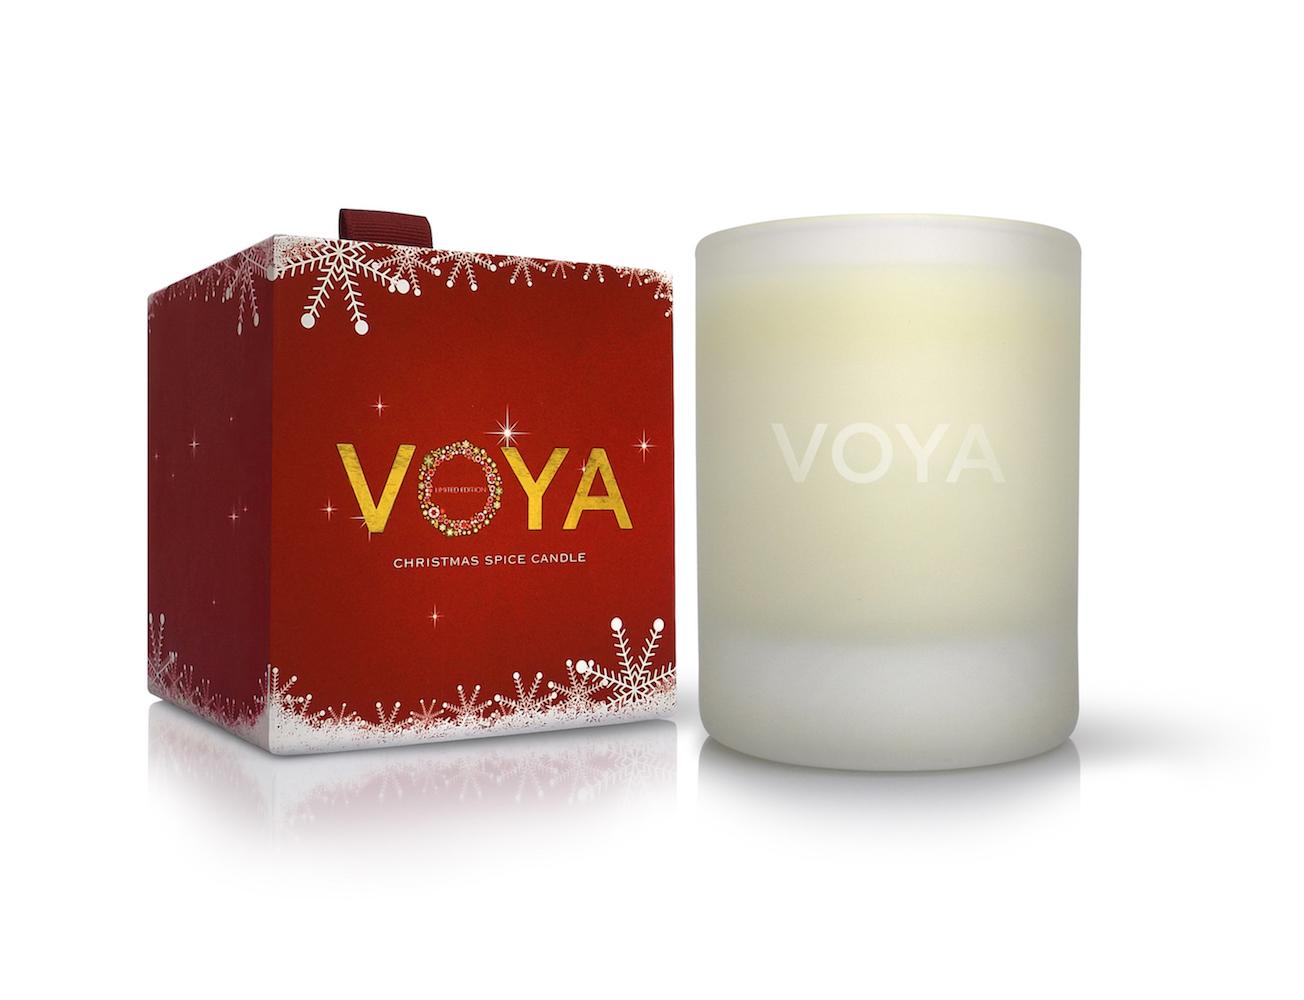 Limitovaná vánoční svíčka zn. Voya voní po šťavnatém pomeranči, hřejivé skořici a hřebíčku.